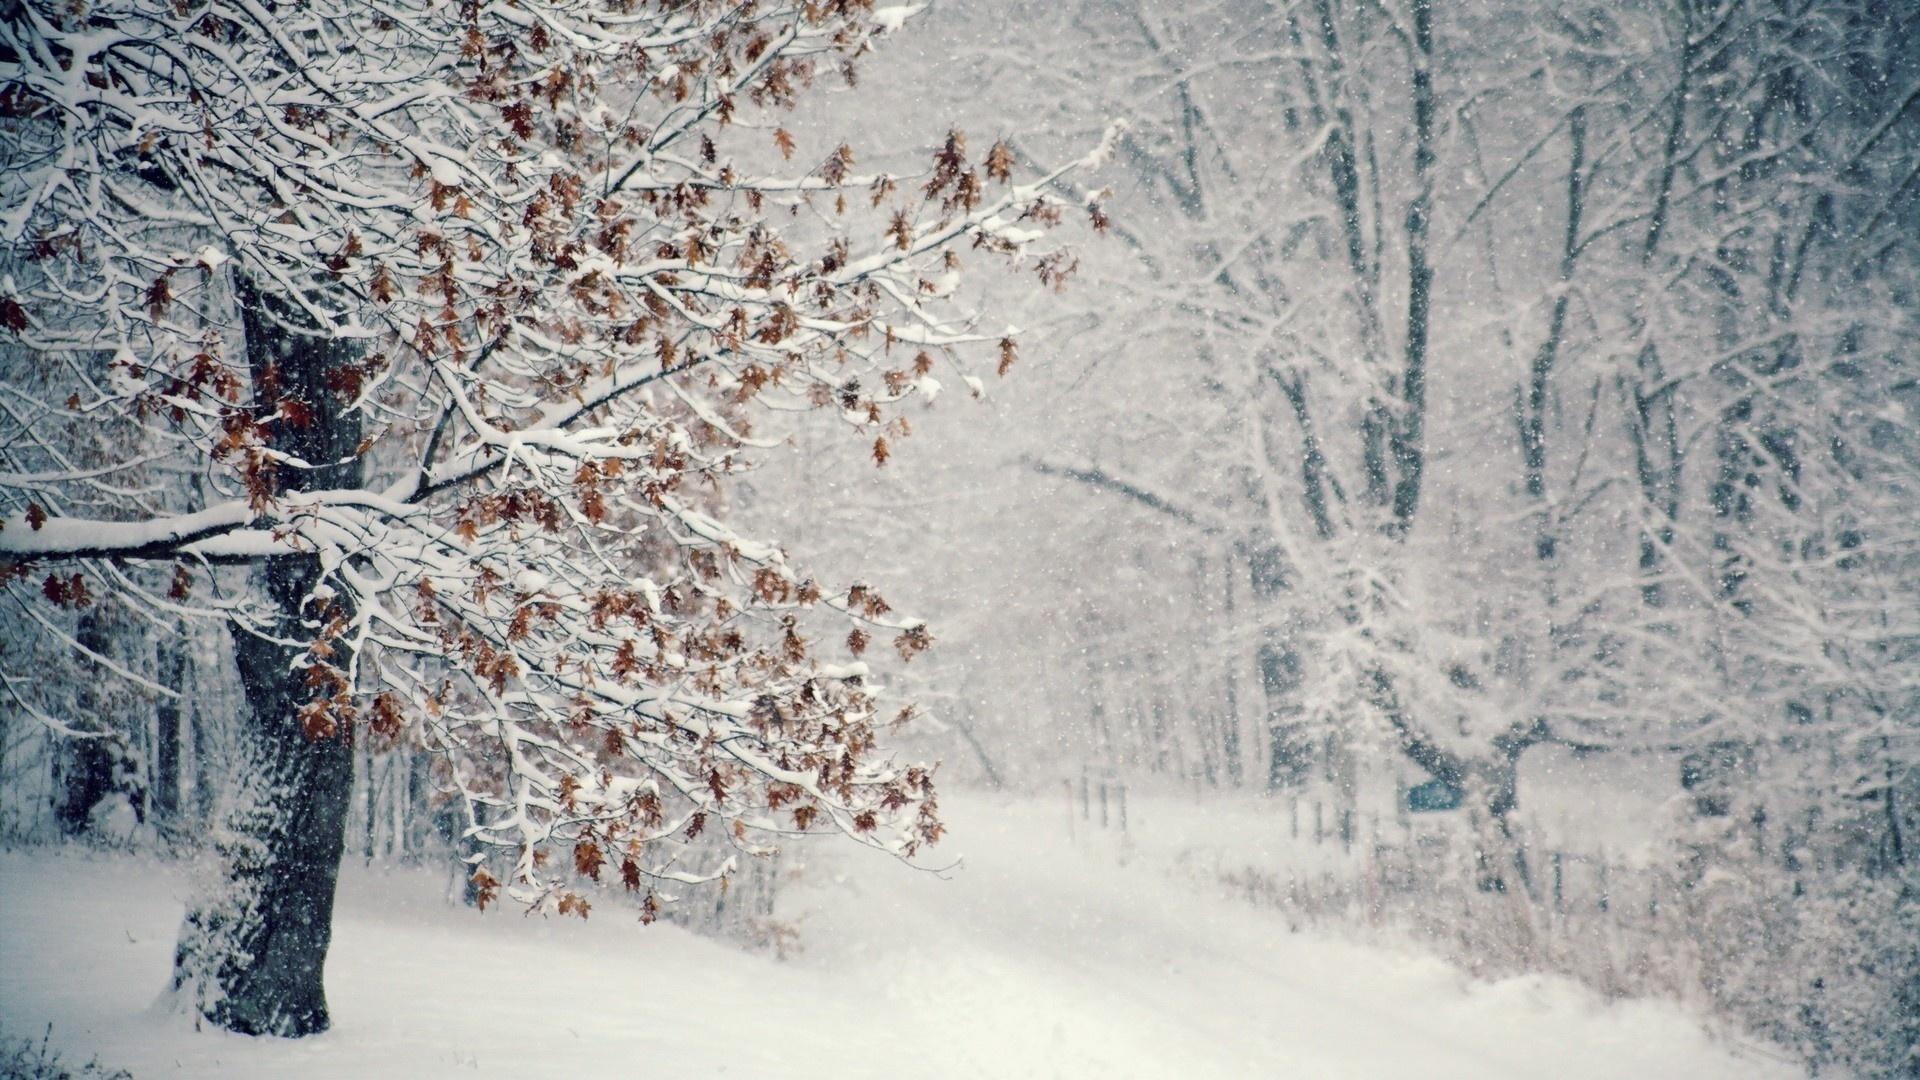 15952 descargar fondo de pantalla Paisaje, Invierno, Árboles, Nieve: protectores de pantalla e imágenes gratis